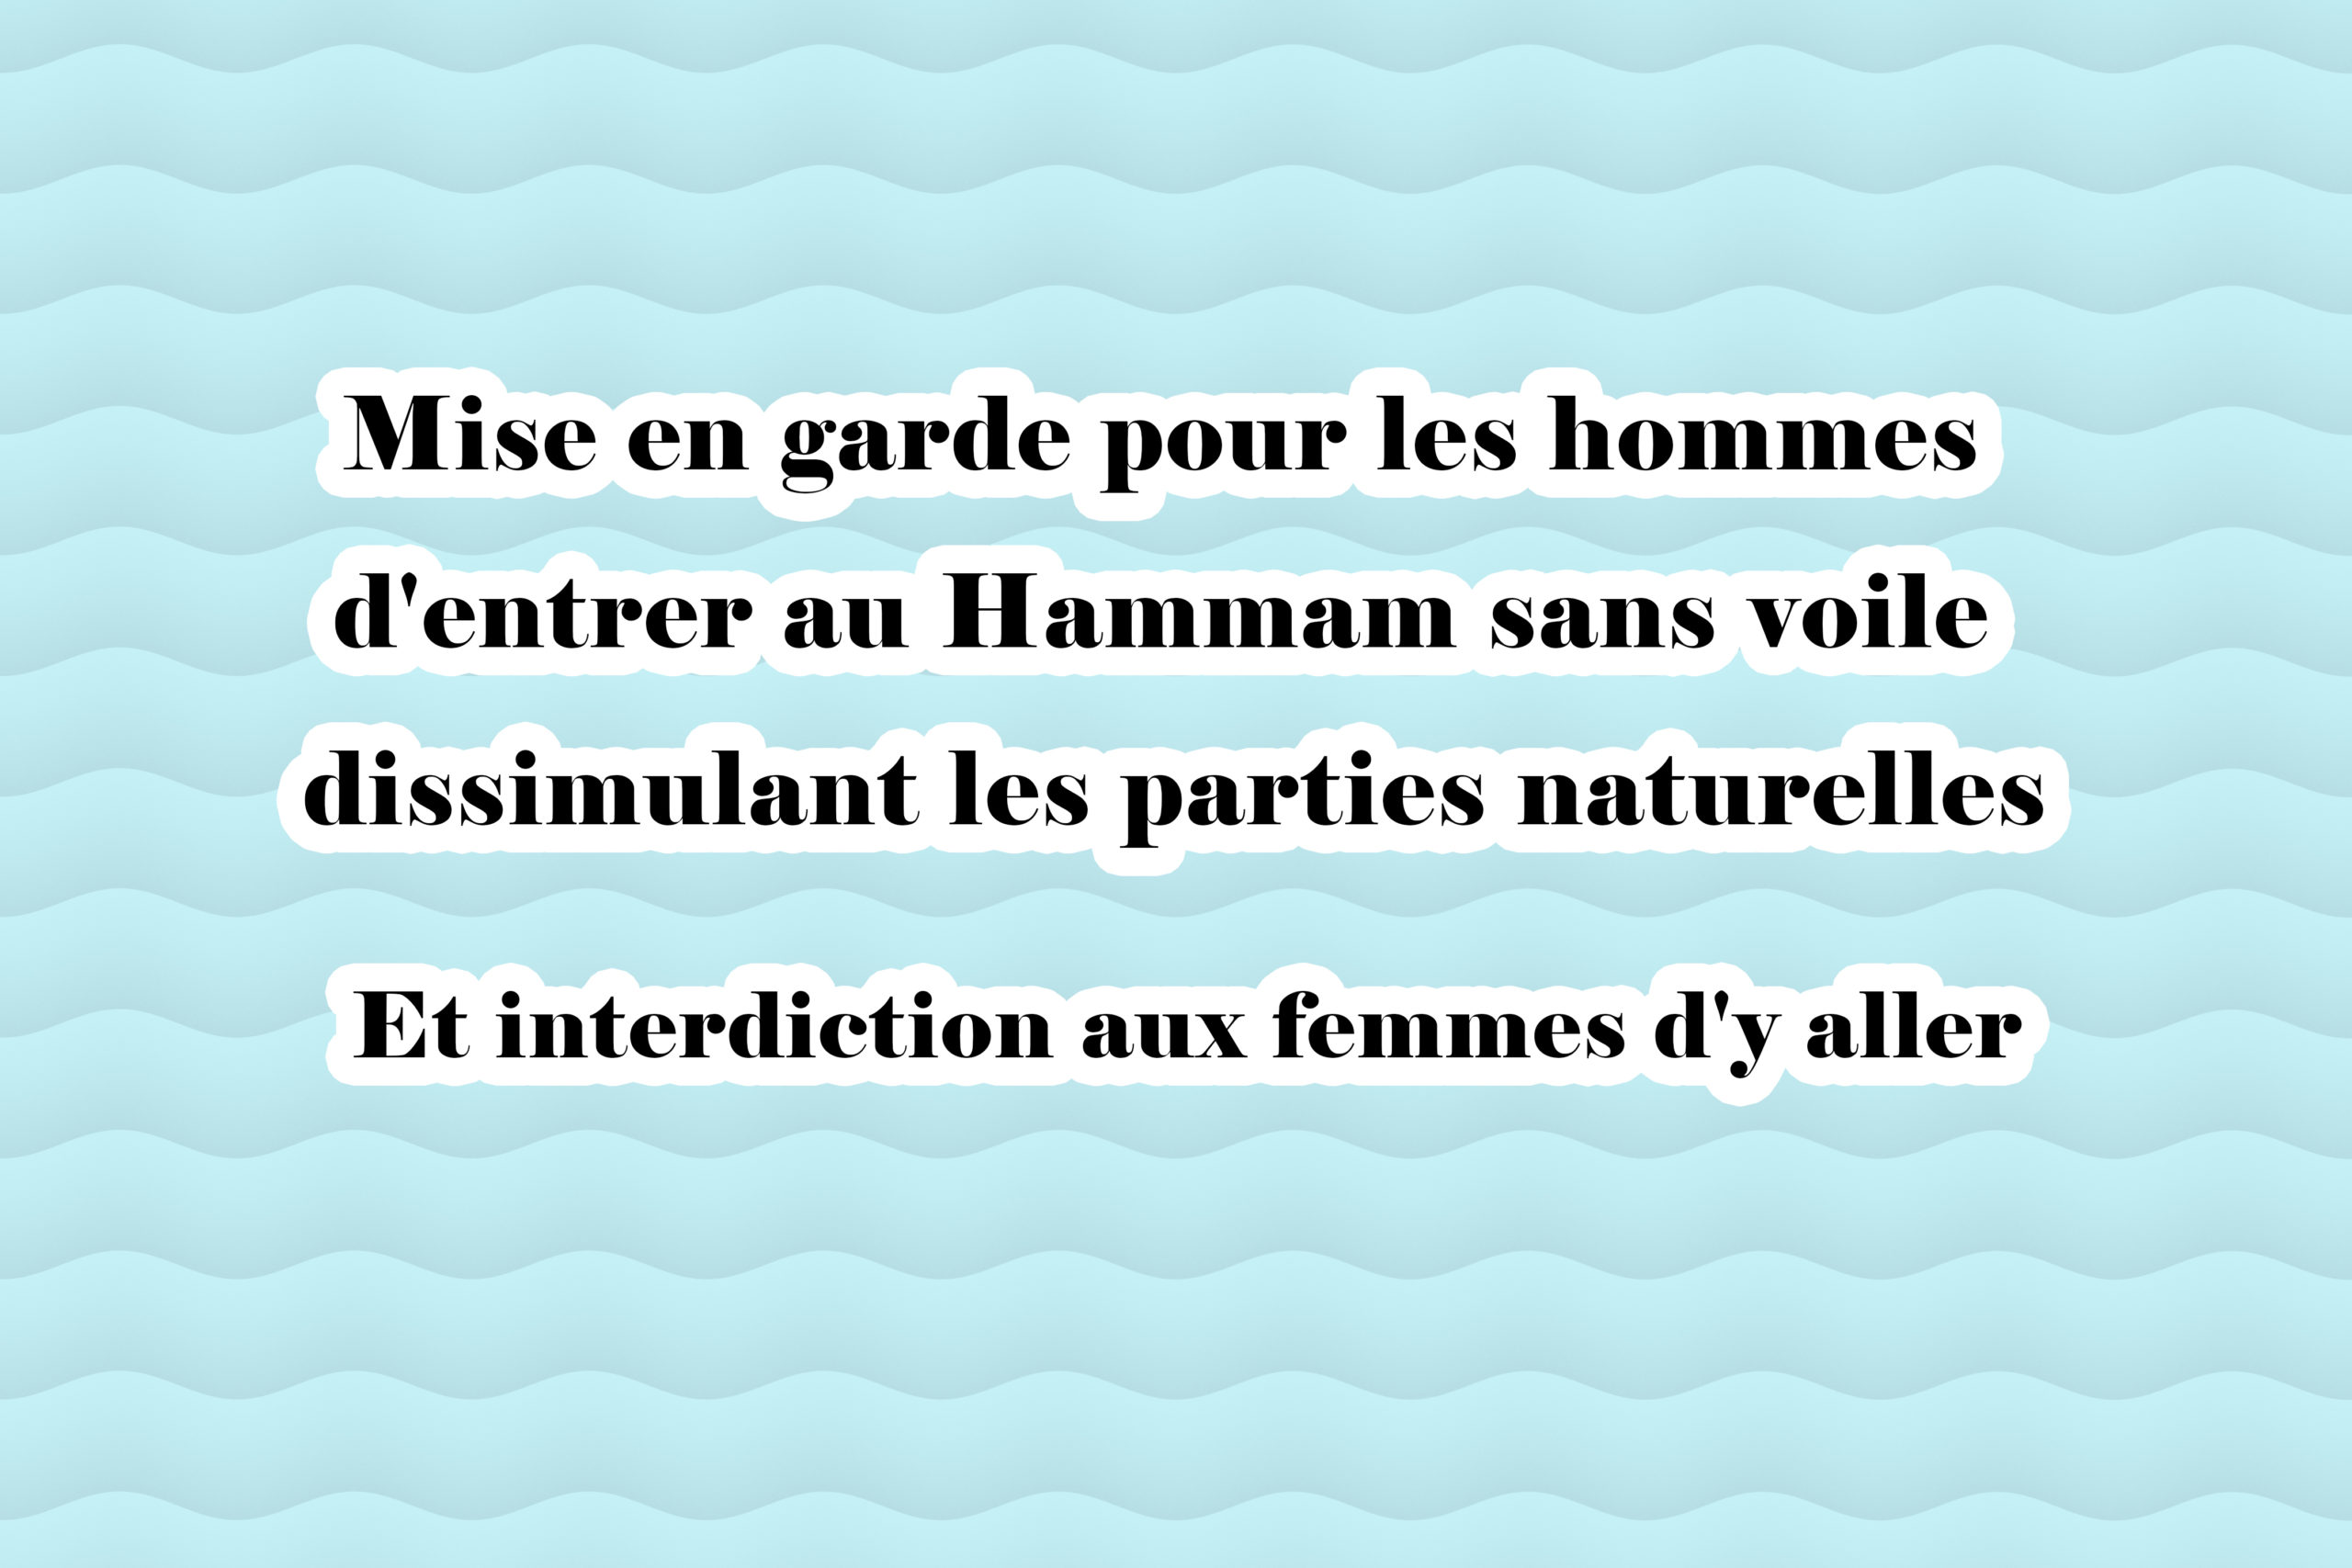 Mise en garde pour les hommes d'entrer au Hammam sans voile dissimulant les parties naturelles